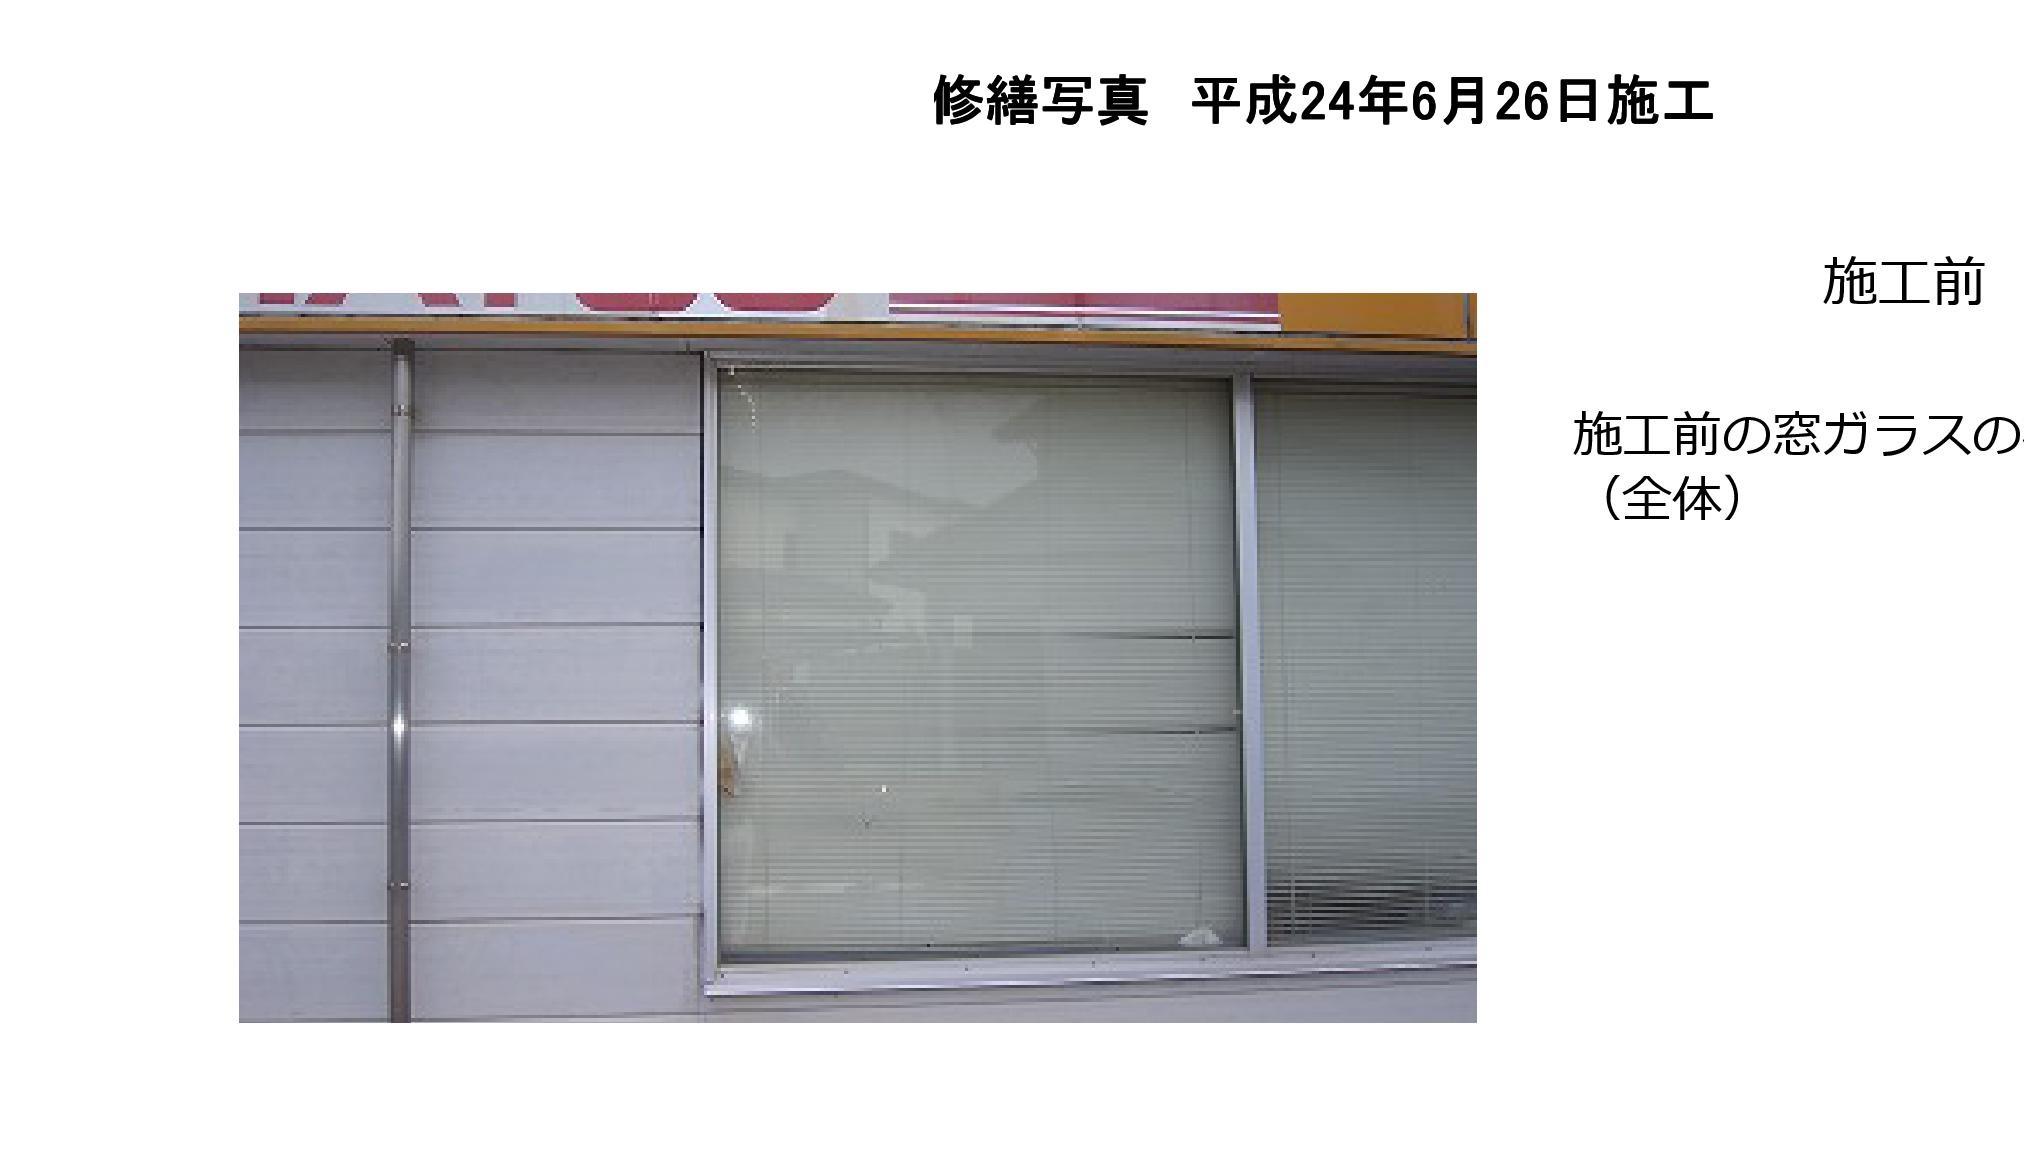 エクステリア【ガラス】-001